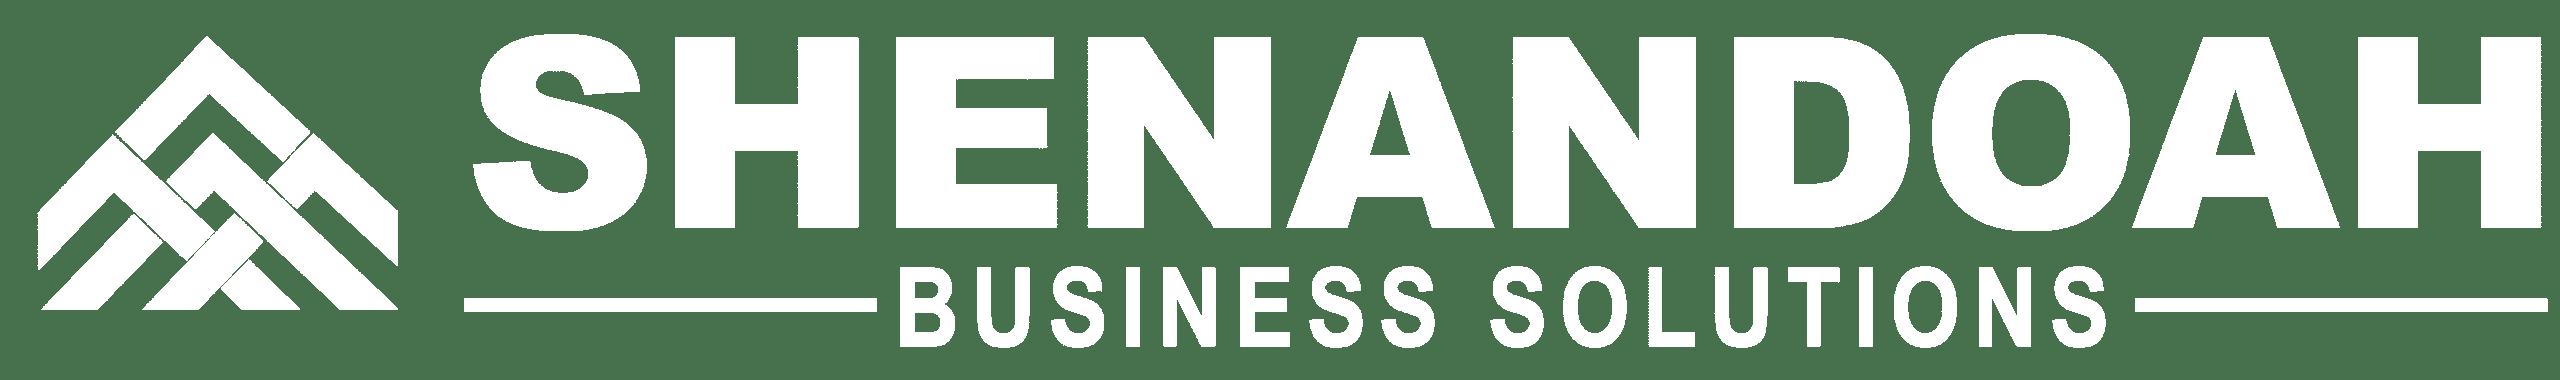 2018-sbs-logo-white-type